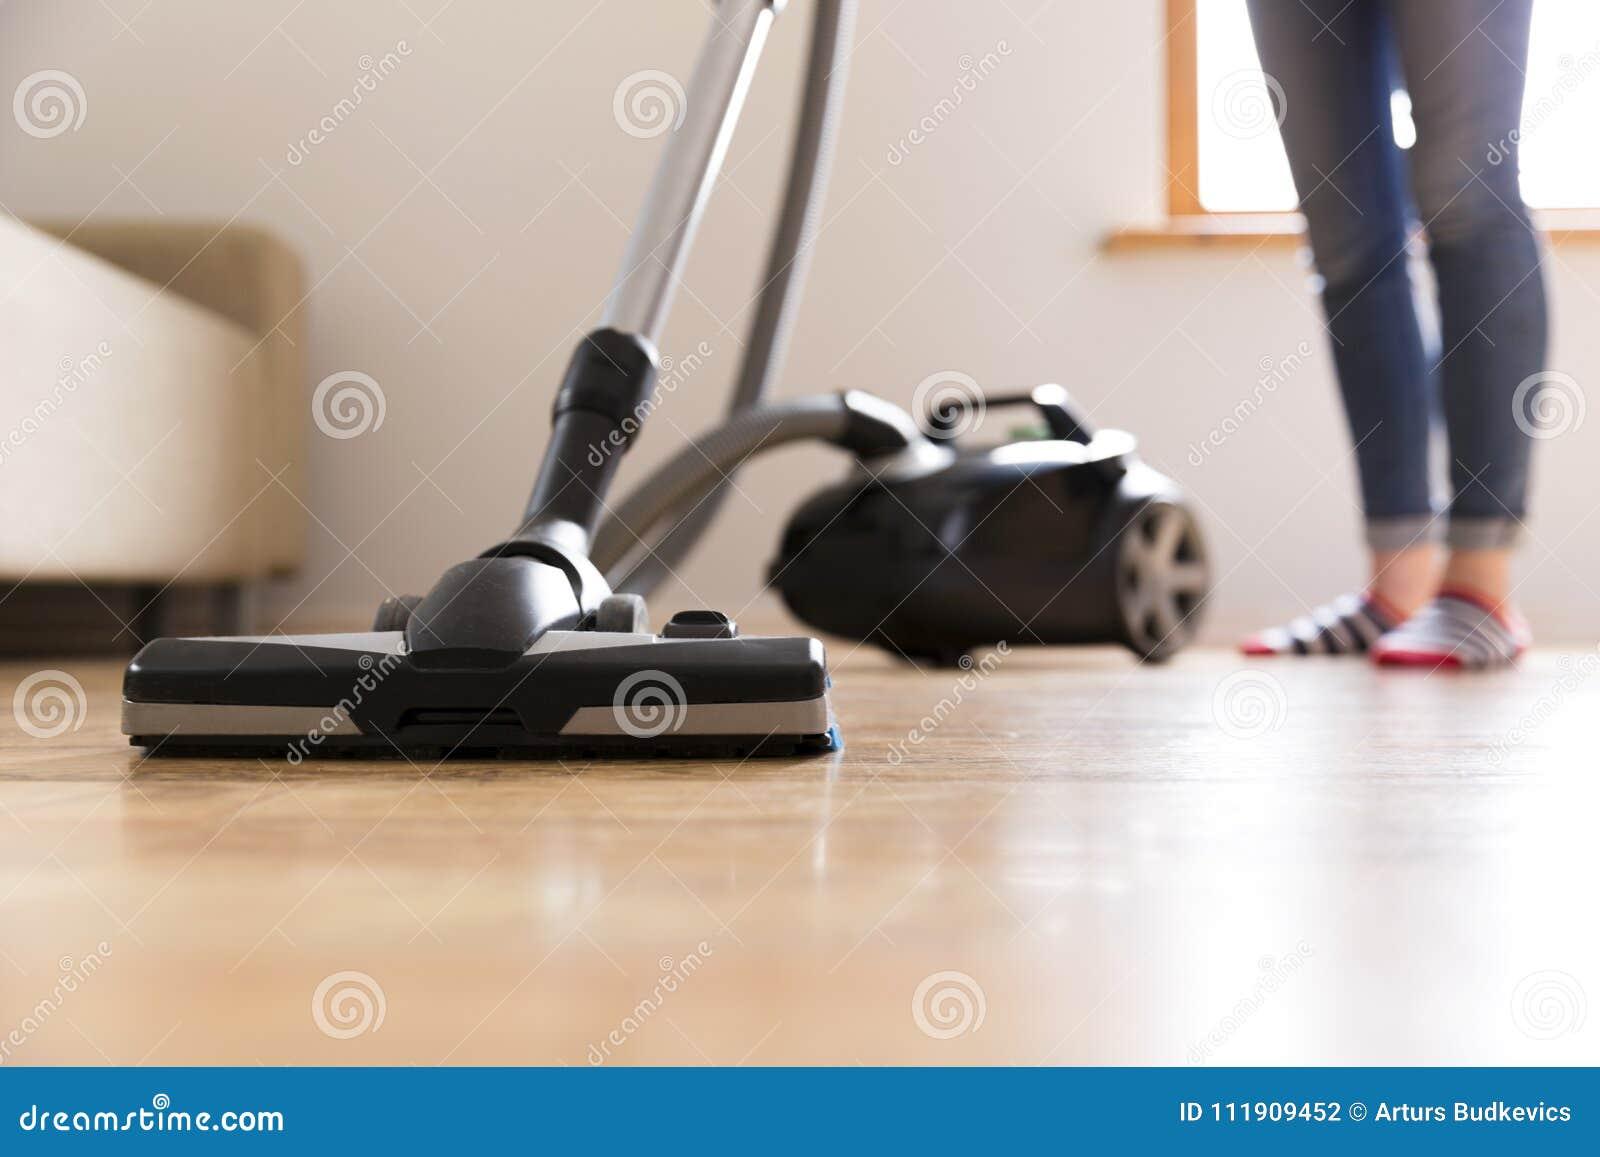 Ludzi, sprzątania i housekeeping pojęcie, - szczęśliwa kobieta z próżniowym cleaner w domu butelki cleaning szczęśliwa target2698